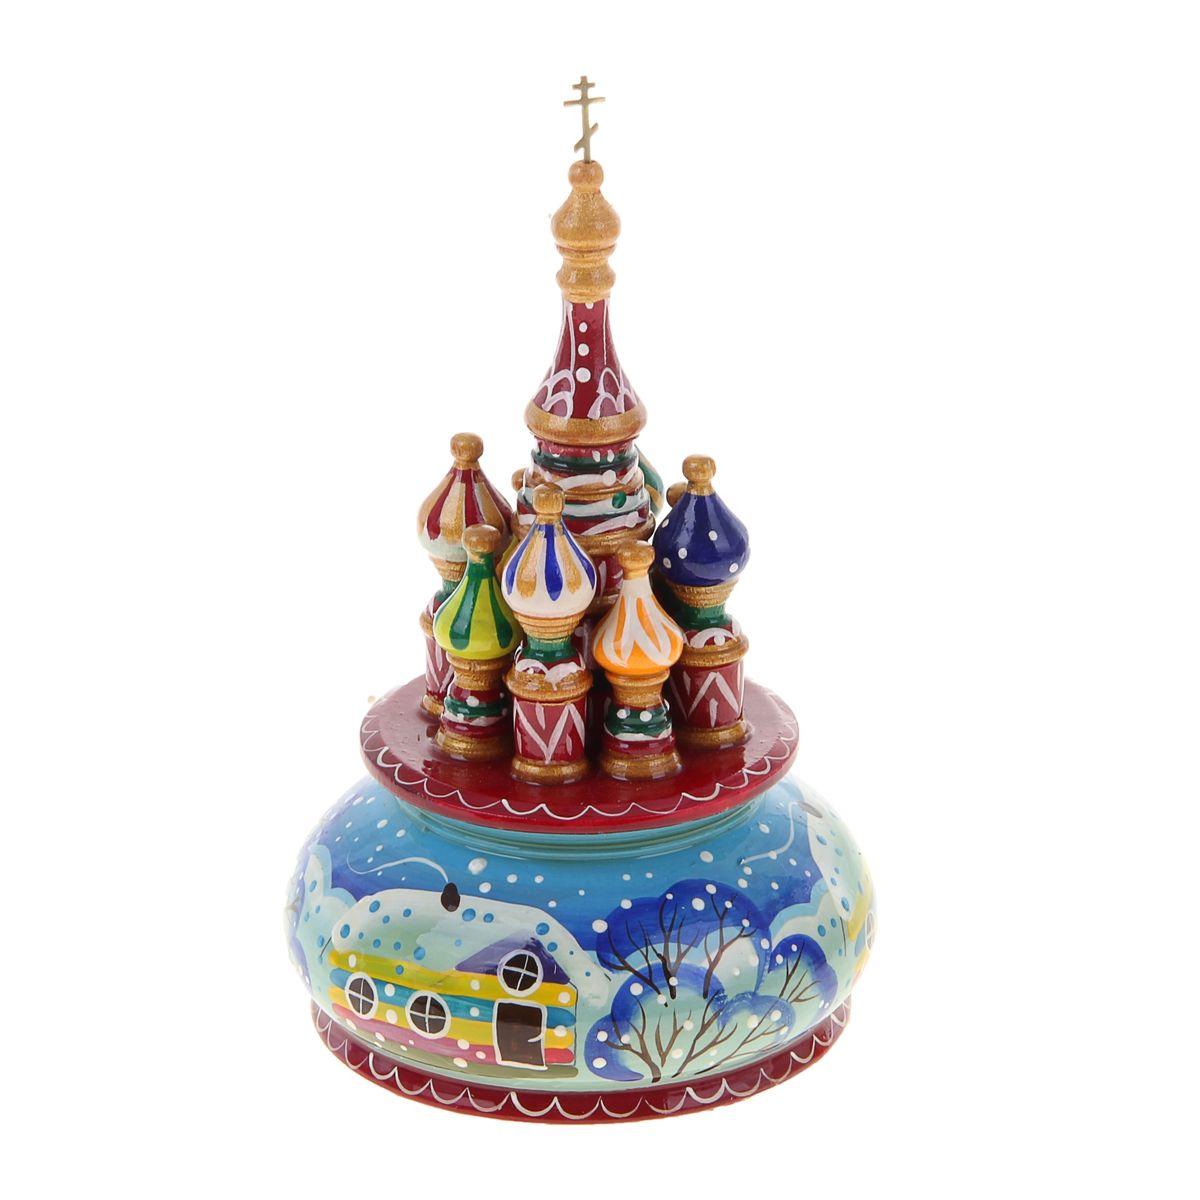 Фигурка декоративная Sima-land Храм, музыкальная, высота 21 см. 1079916 фигурка декоративная sima land мишка высота 18 см